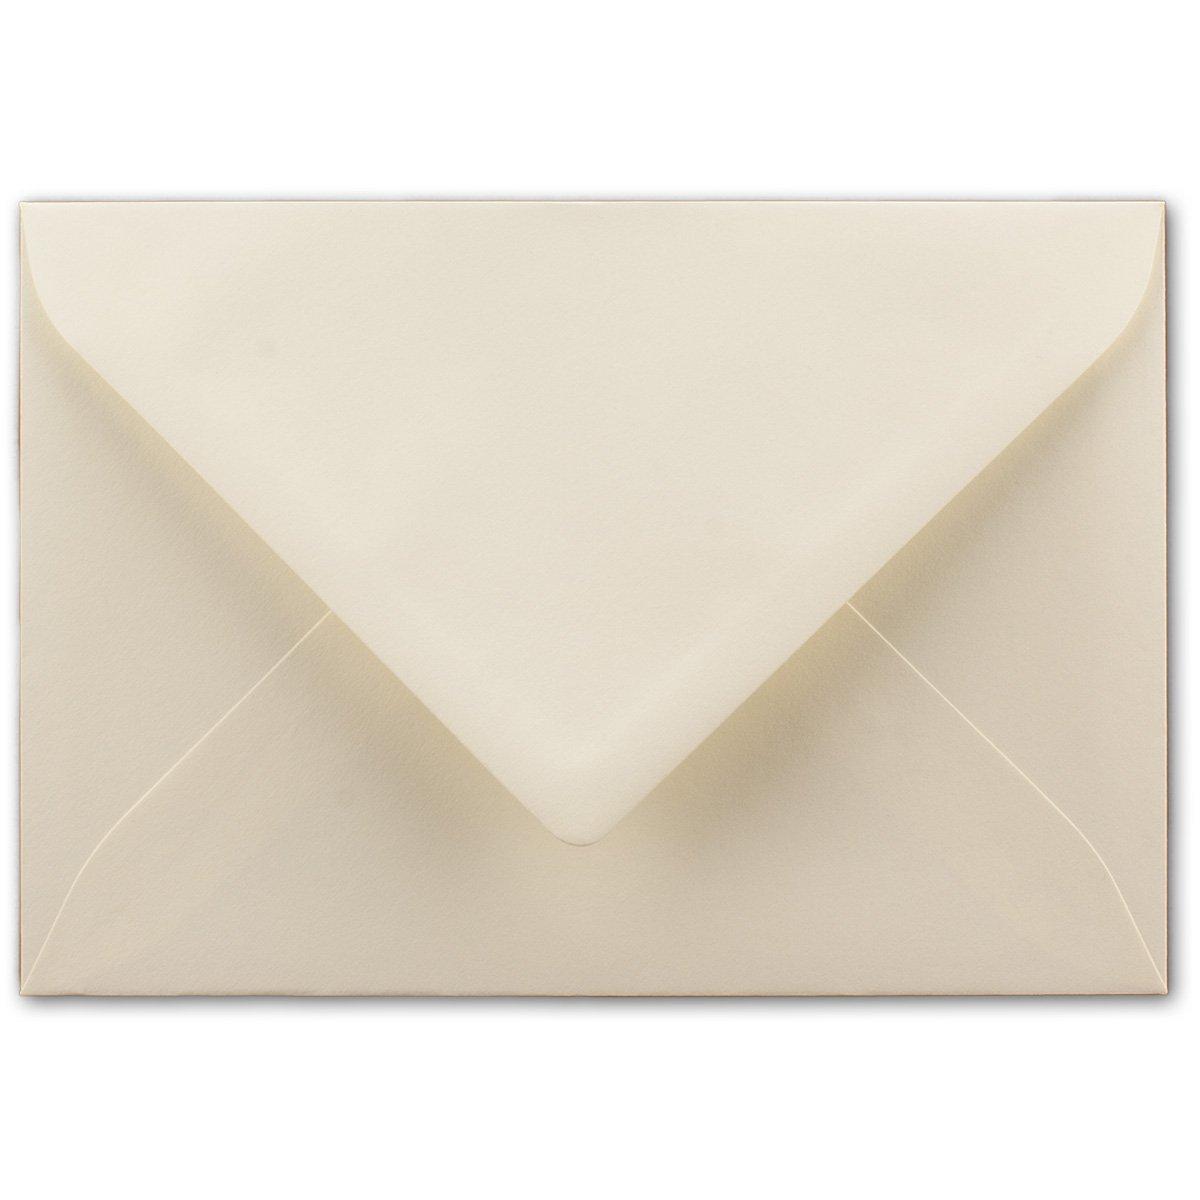 200x Brief-Umschläge in Dunkel-Grün - 80 g g g m² - KuGrüns in DIN B6 Format 125 x 175 mm - Nassklebung ohne Fenster - Qualitätsmarke FarbenFroh® B076H7NB77 | Elegantes und robustes Menü  4cf34b